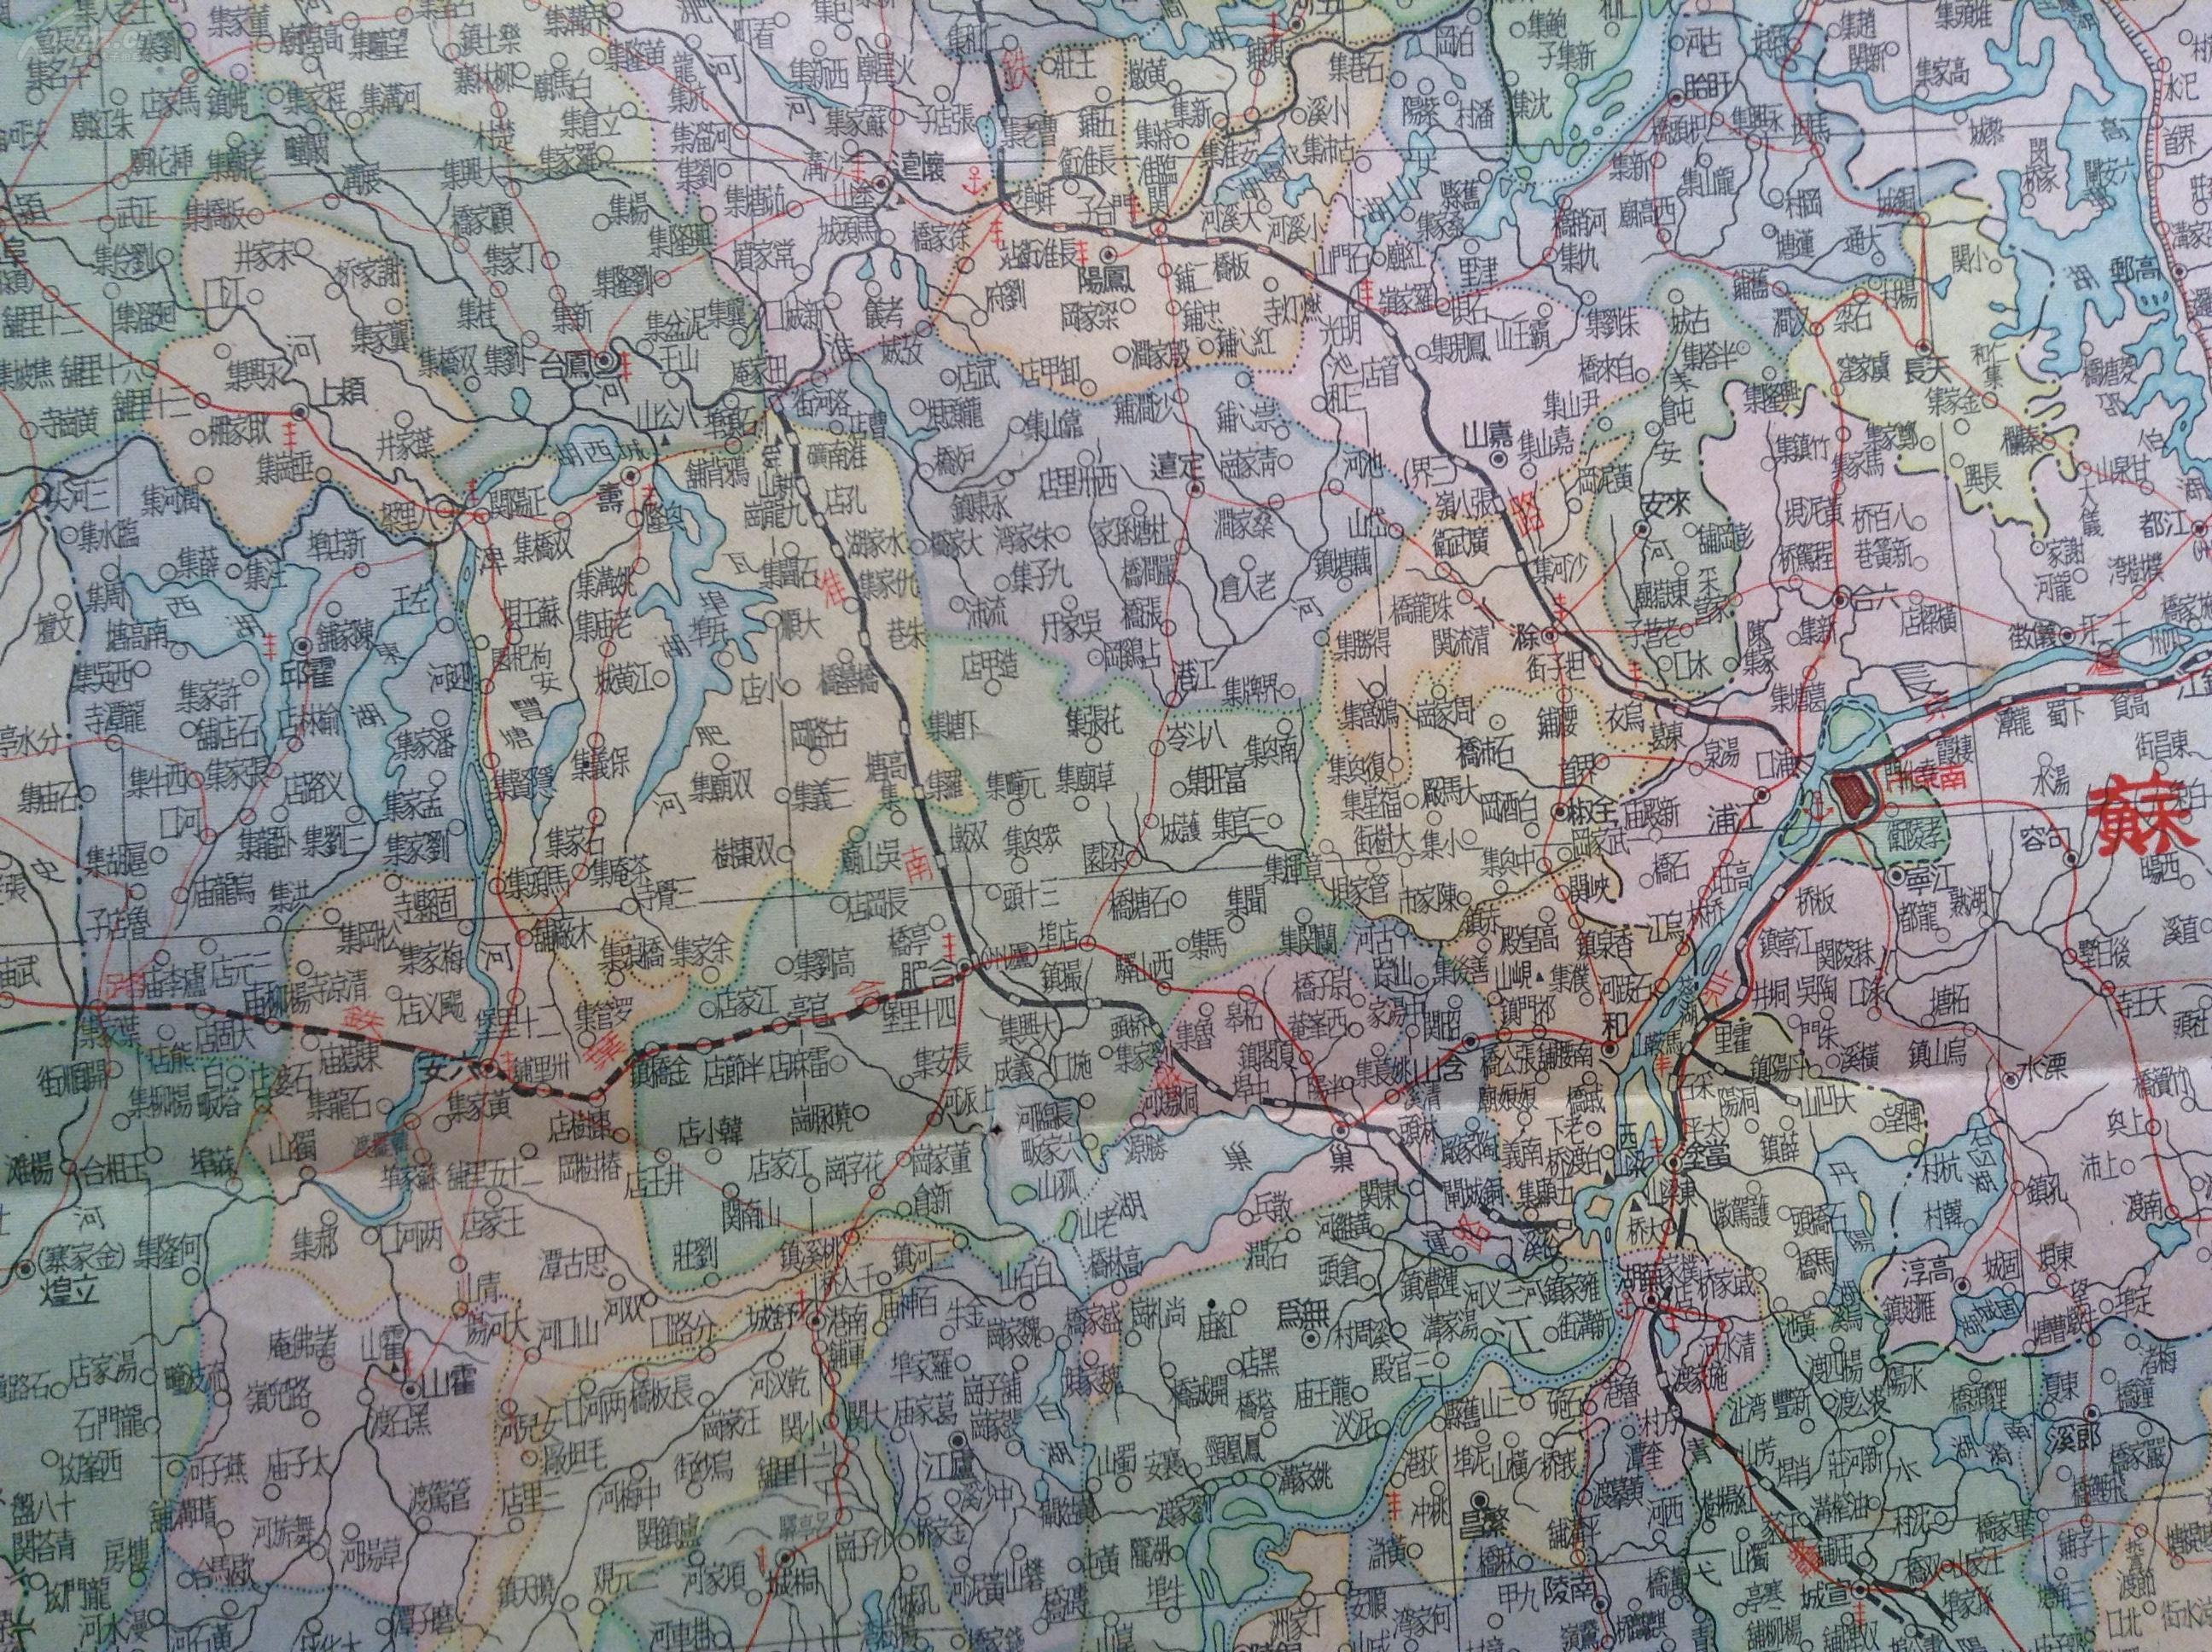 安徽省地图全图大图_中国地图高清版大图